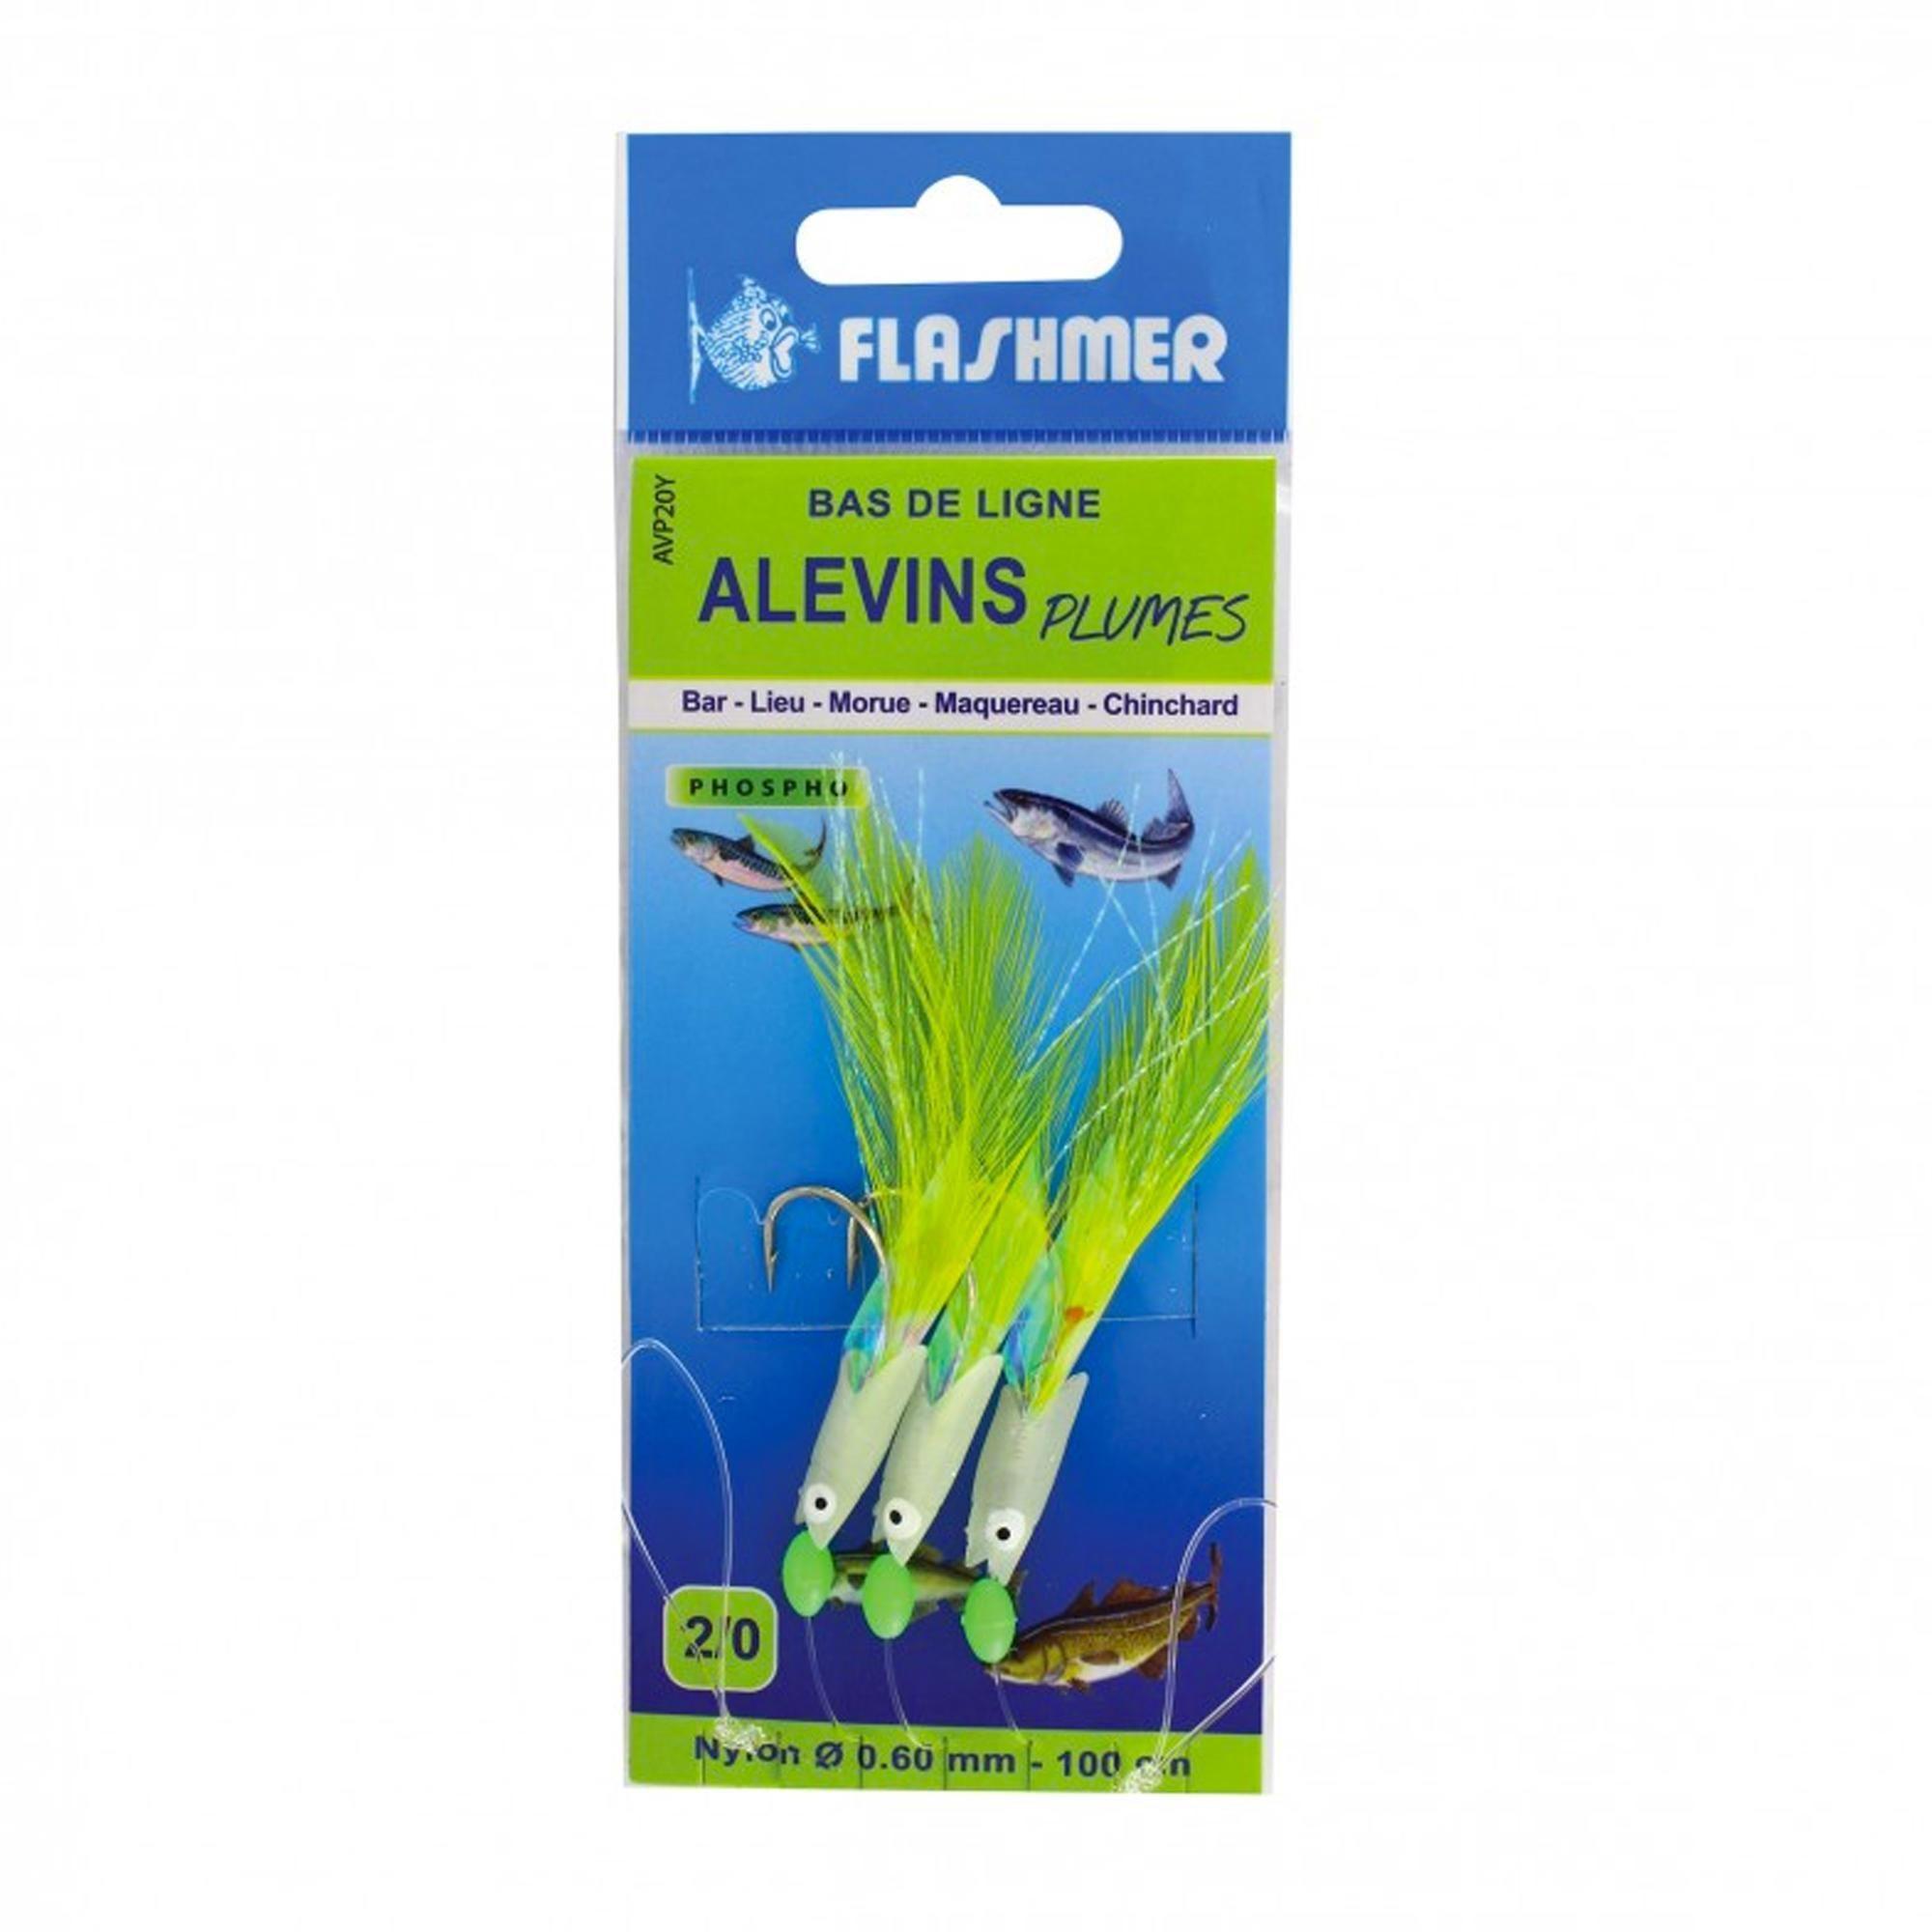 Flashmer - Hengelsport - Verenpaternoster - Onderlijn jonge vissen 3 haken fluorescerend voor vissen op zee. Deze onderlijn is ontworpen voor het vissen op baars en andere zeeroofvissen.